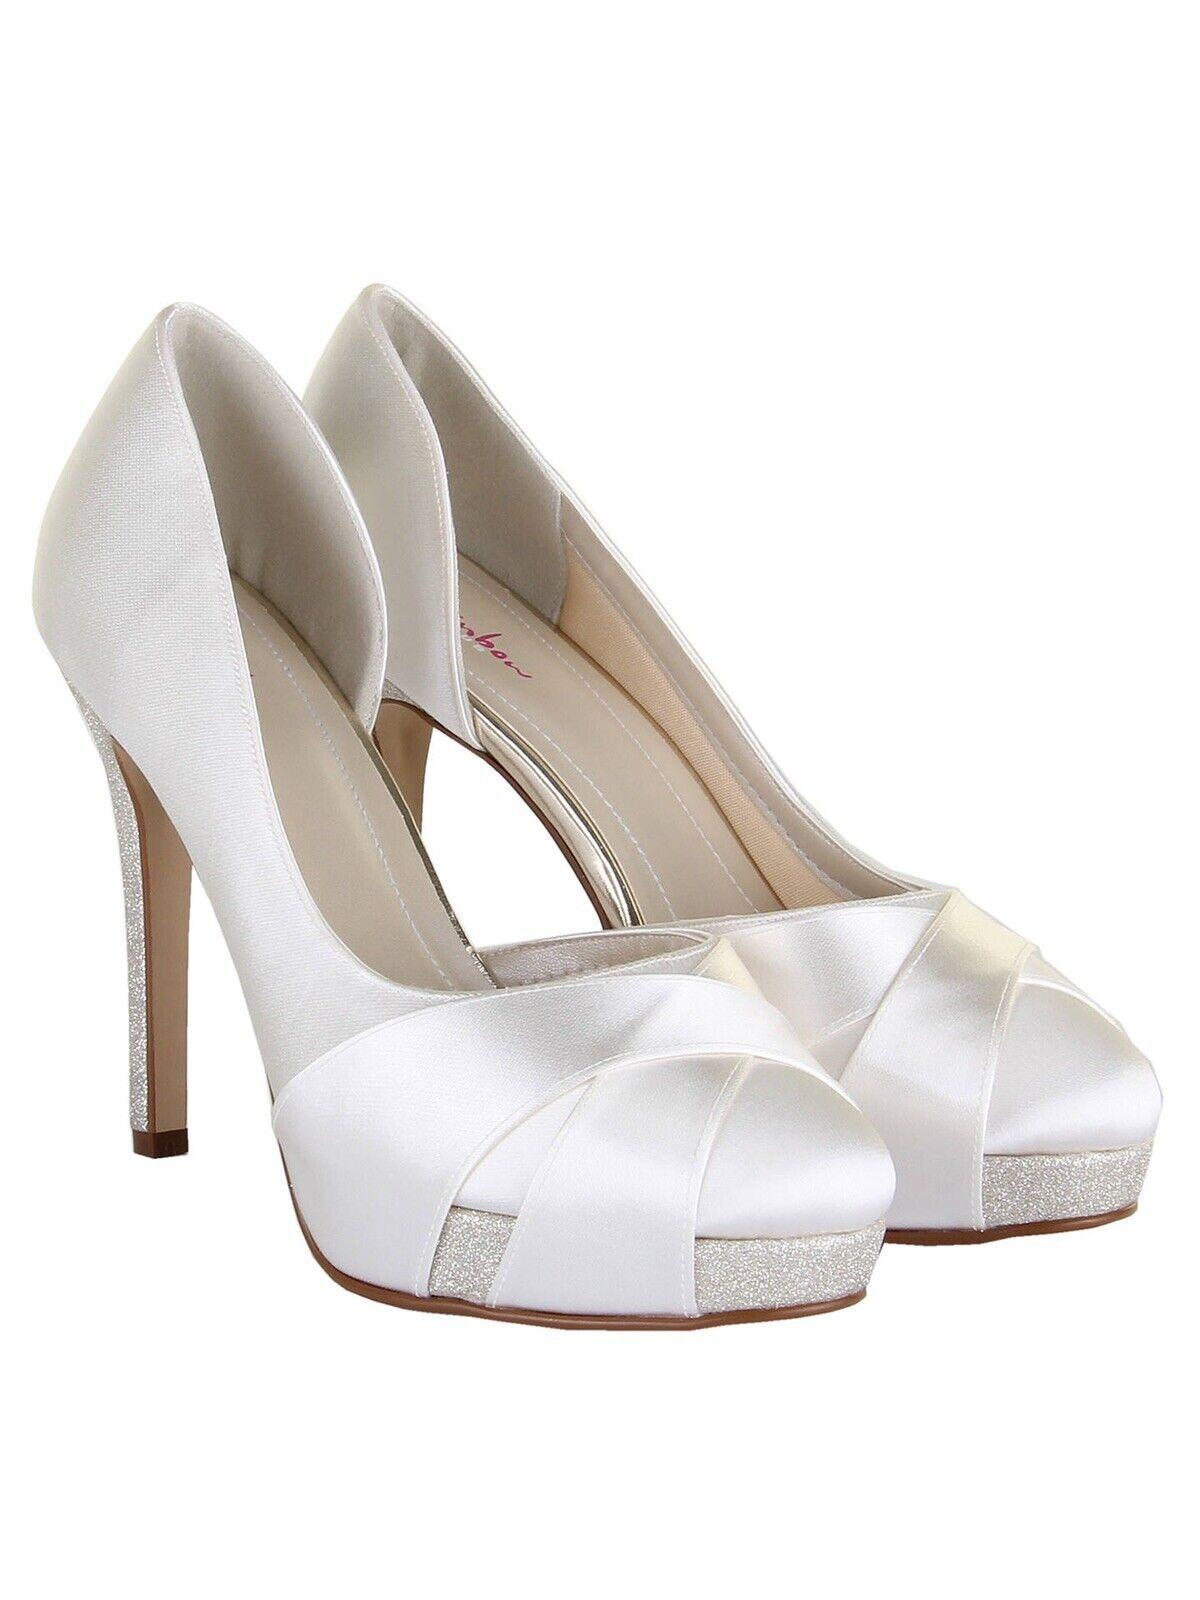 Rainbow Kelis Shoes Size 4.5